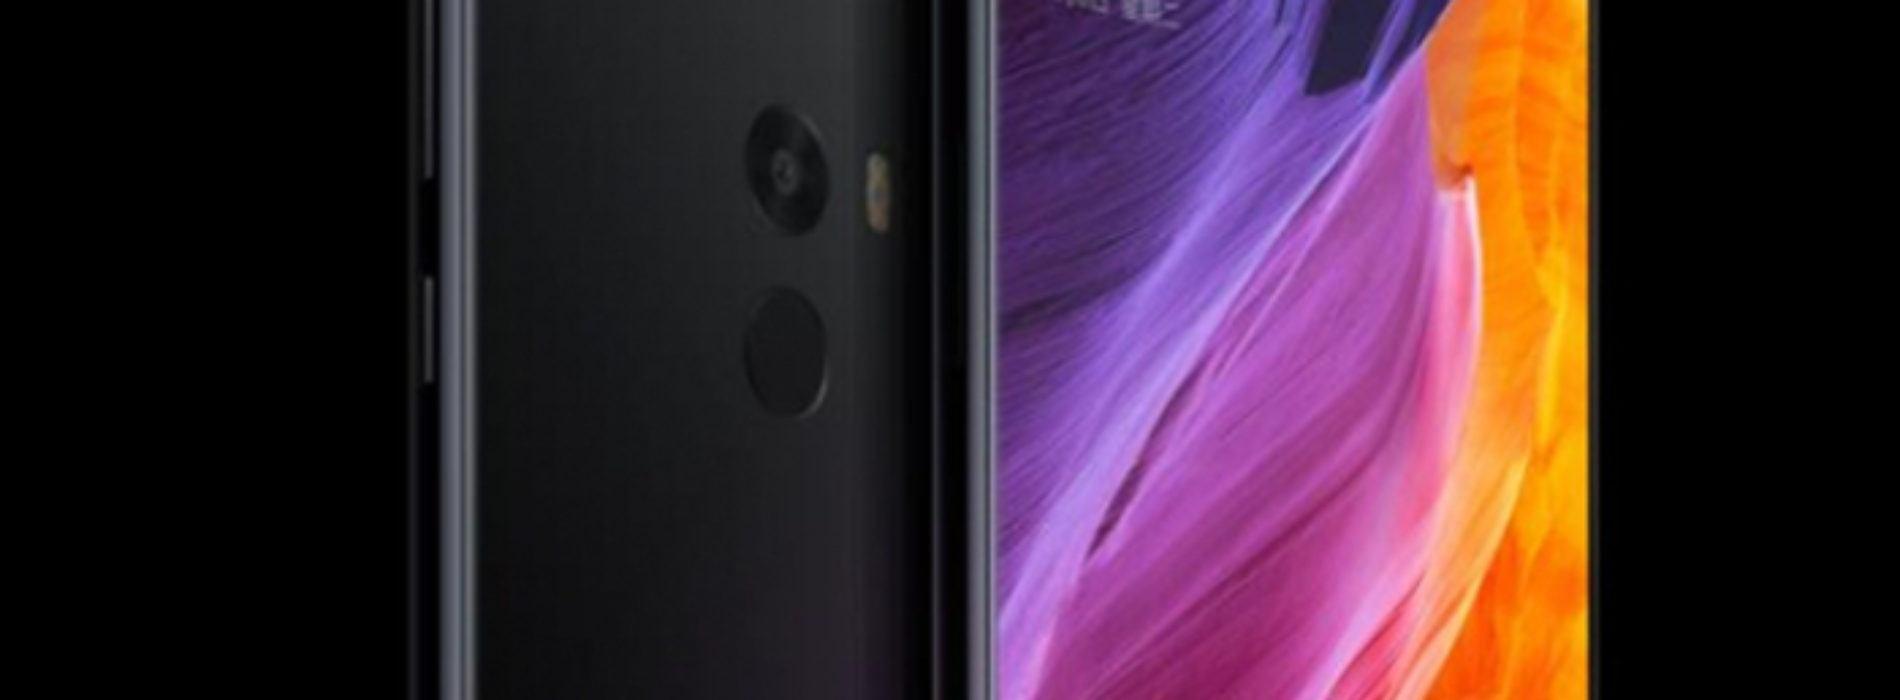 El smartphone más futurista pertenece a Xiaomi